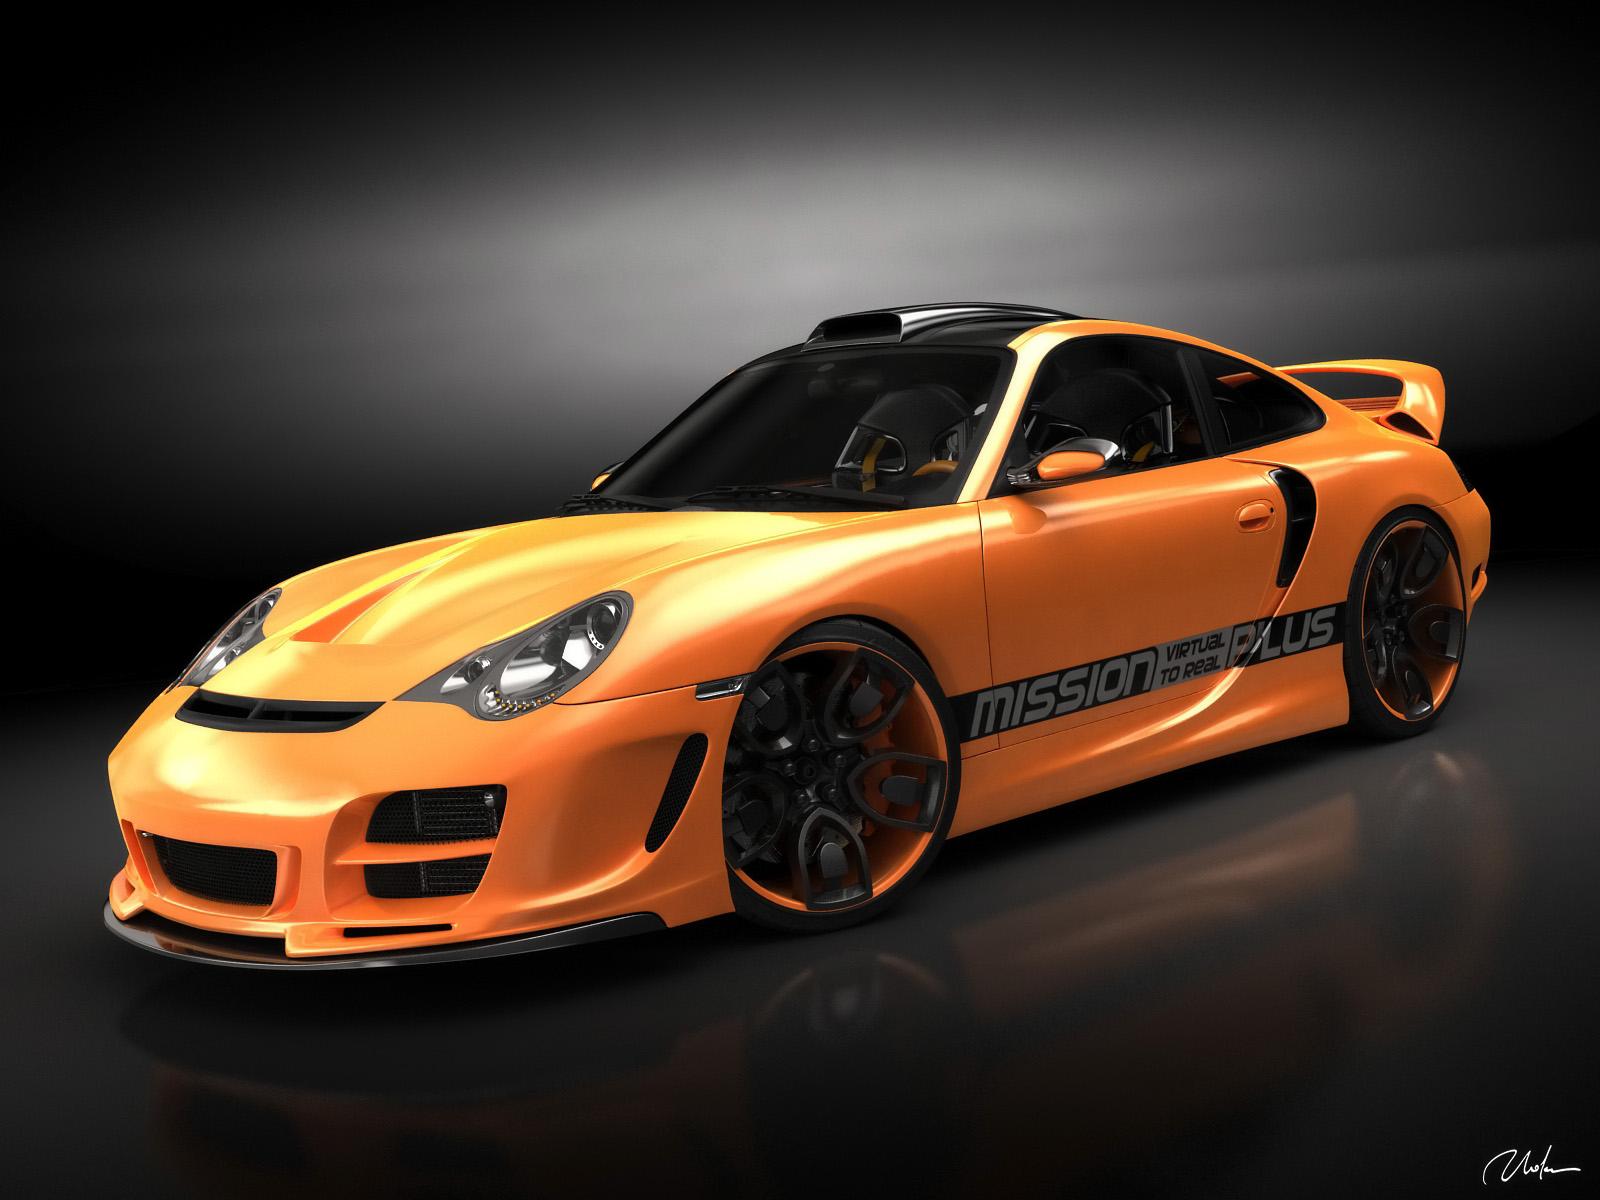 PORSCHE 911 996 TOP ART CONCEPT DESIGN BY BOGDAN URDEA Addicted to Speed Desktop Backgrounds